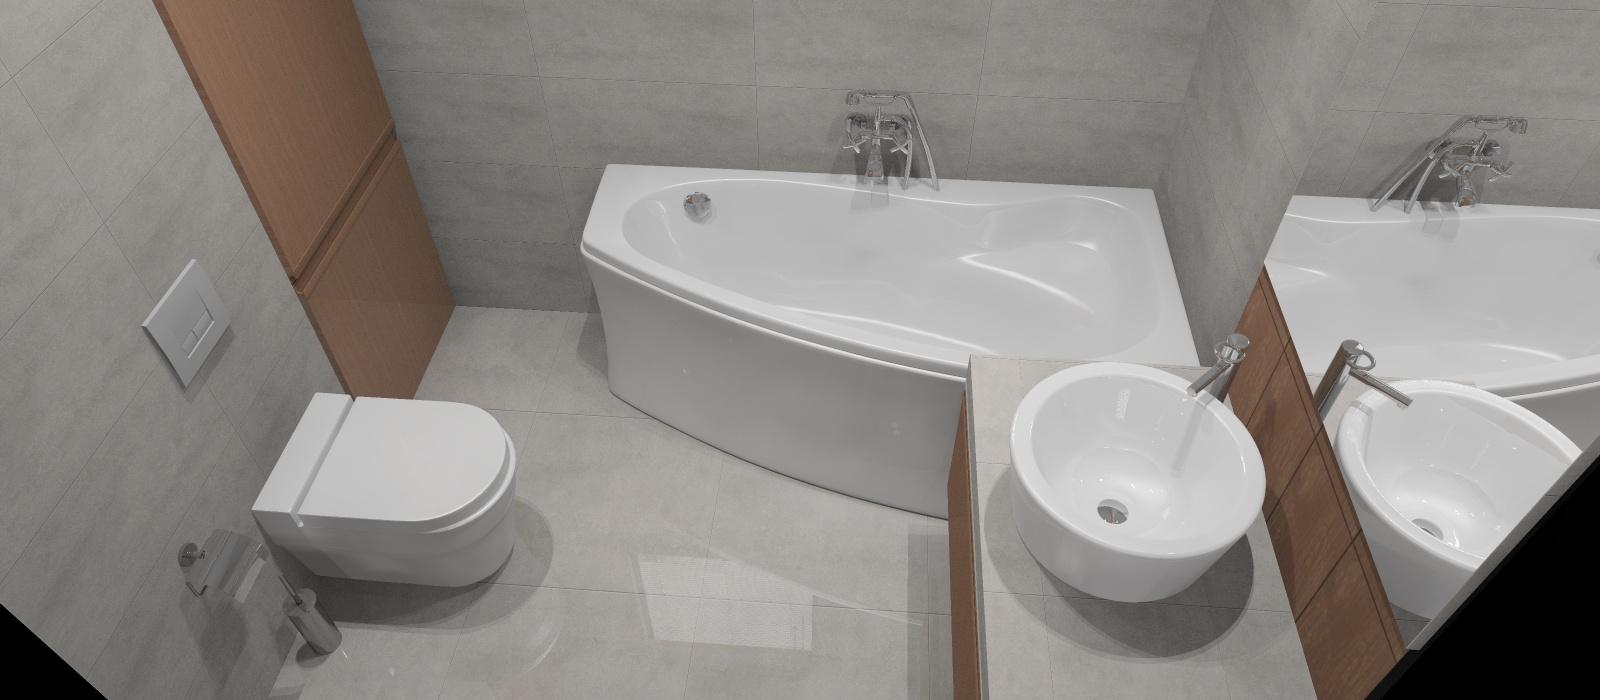 Aranżacja_projekt_łazienki_wystrój_nowoczesny_w_kolorach_beton_brąz_pralka